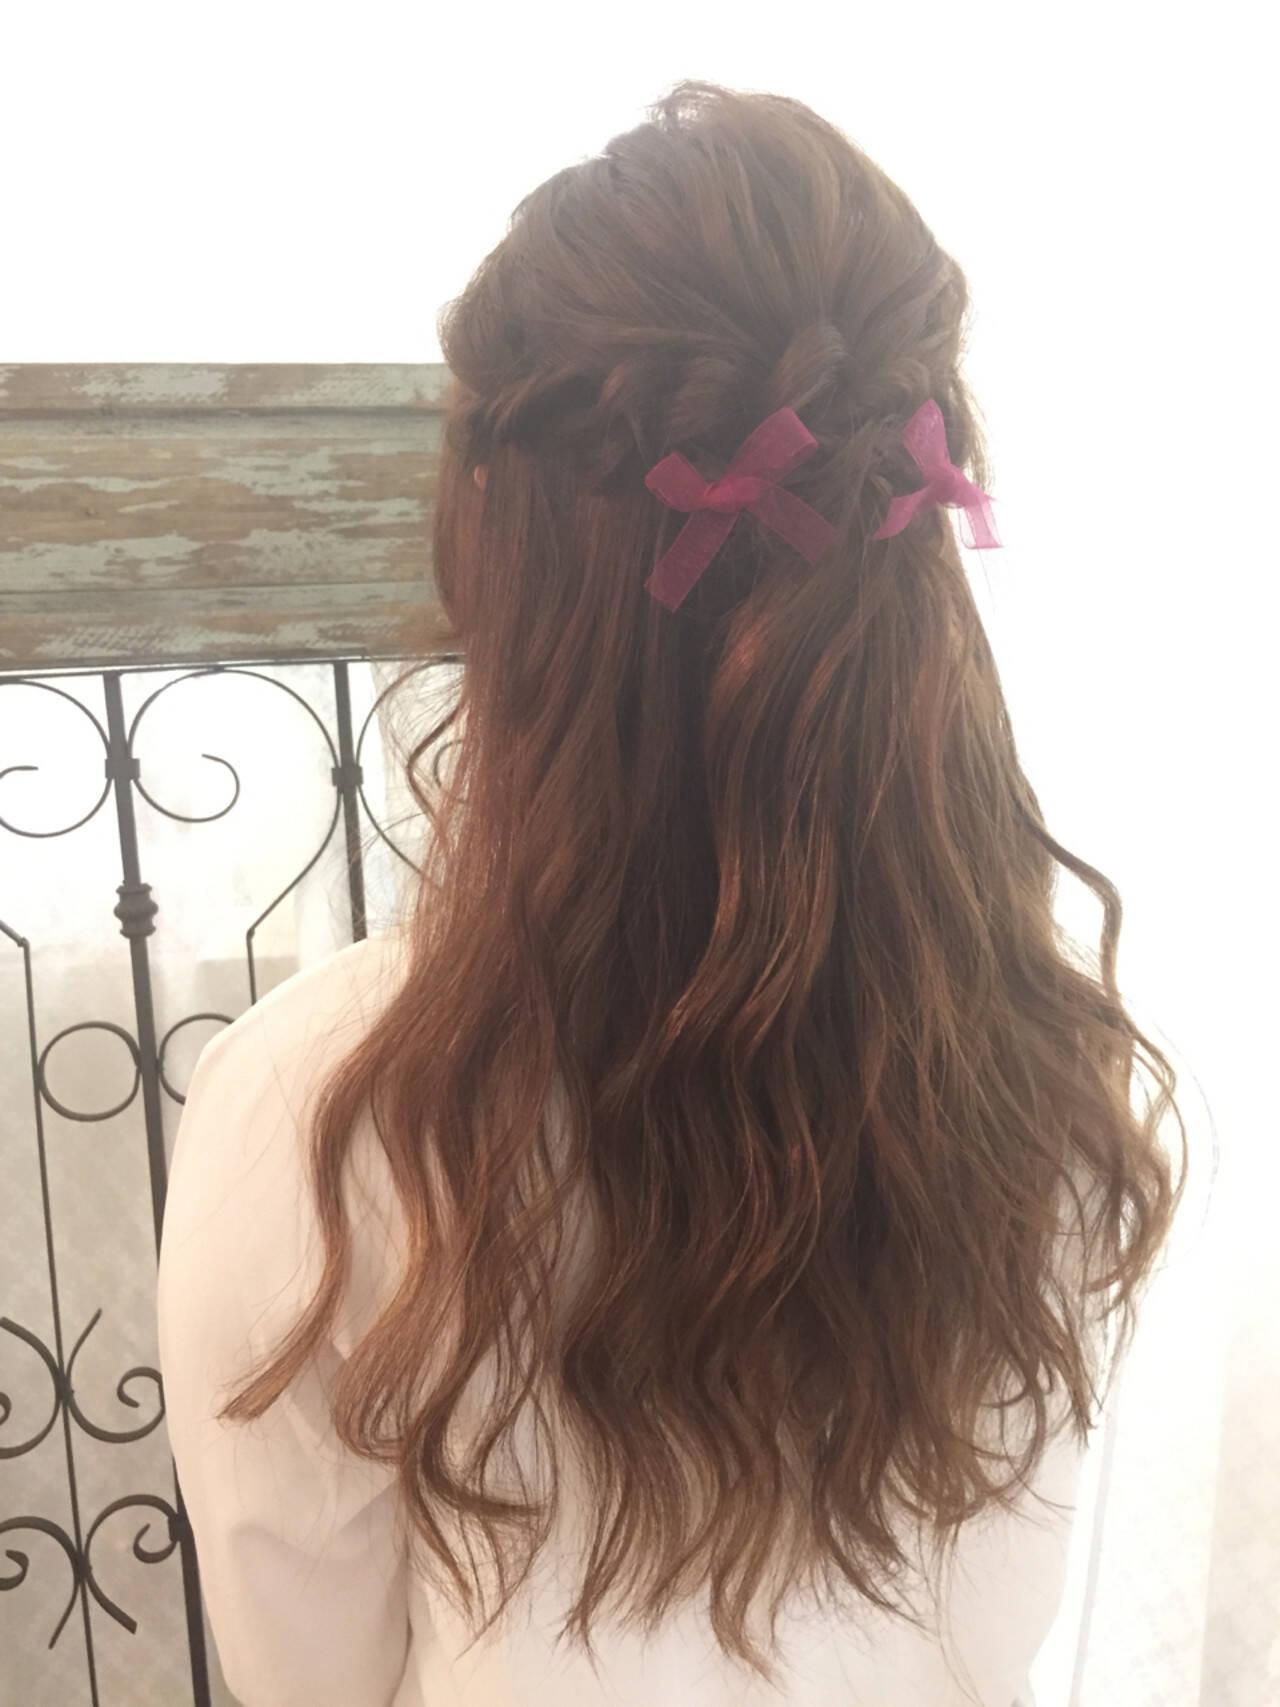 ハーフアップ ロング 簡単ヘアアレンジ 大人かわいいヘアスタイルや髪型の写真・画像